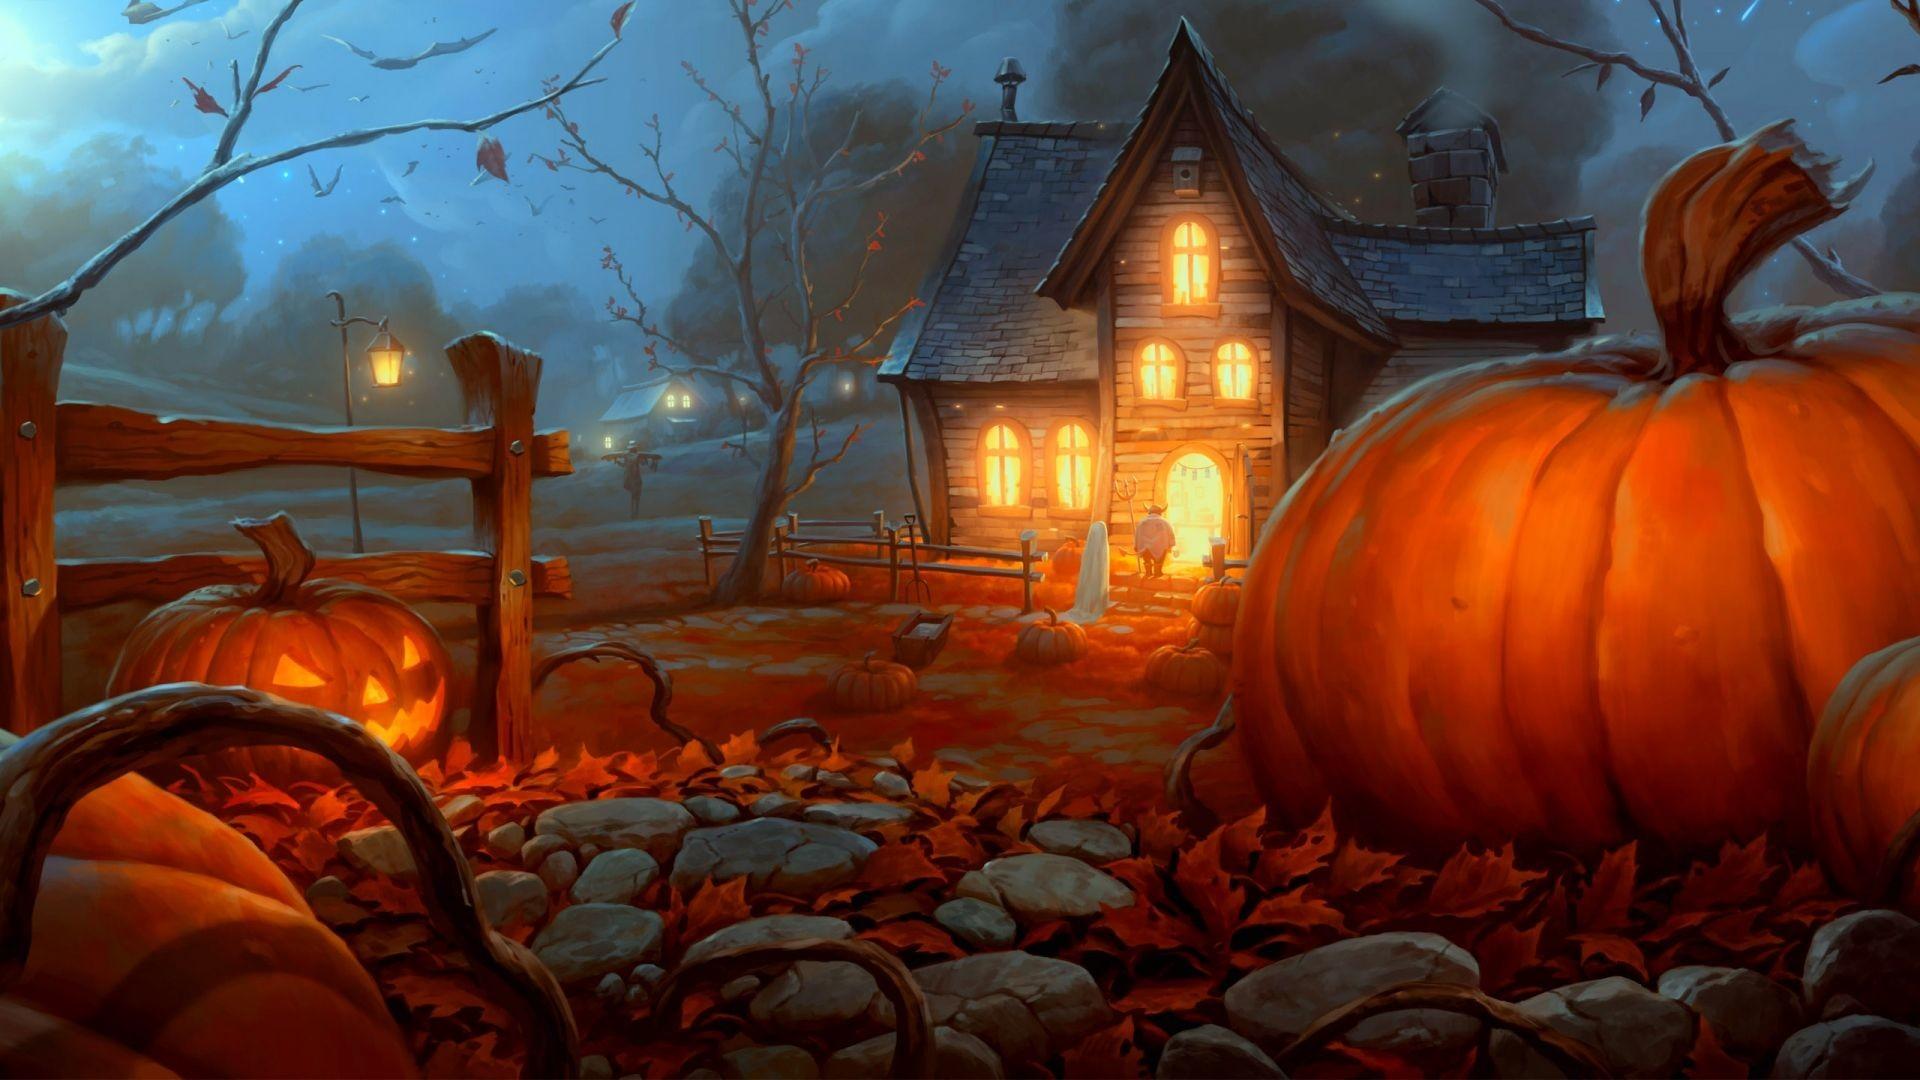 Halloween Backgrounds Free Download | PixelsTalk.Net. Halloween Backgrounds  Free Download PixelsTalk Net